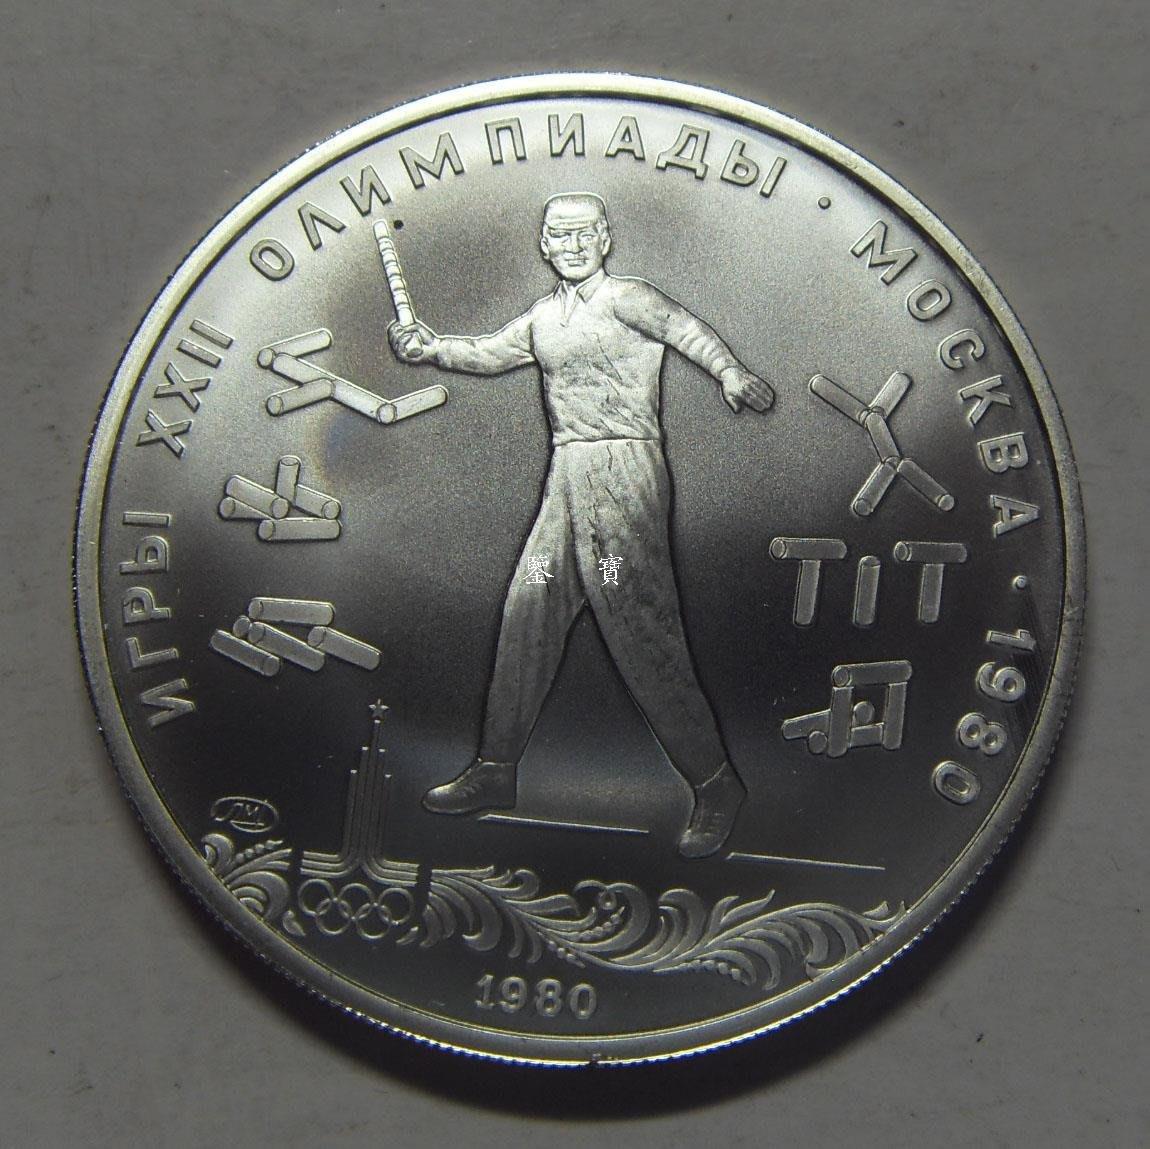 【鑒 寶】(世界各國錢幣)G G G蘇聯 1980年 5盧布 第22界莫斯科奧運會 打棒遊戲 紀念 銀幣 BTG1917